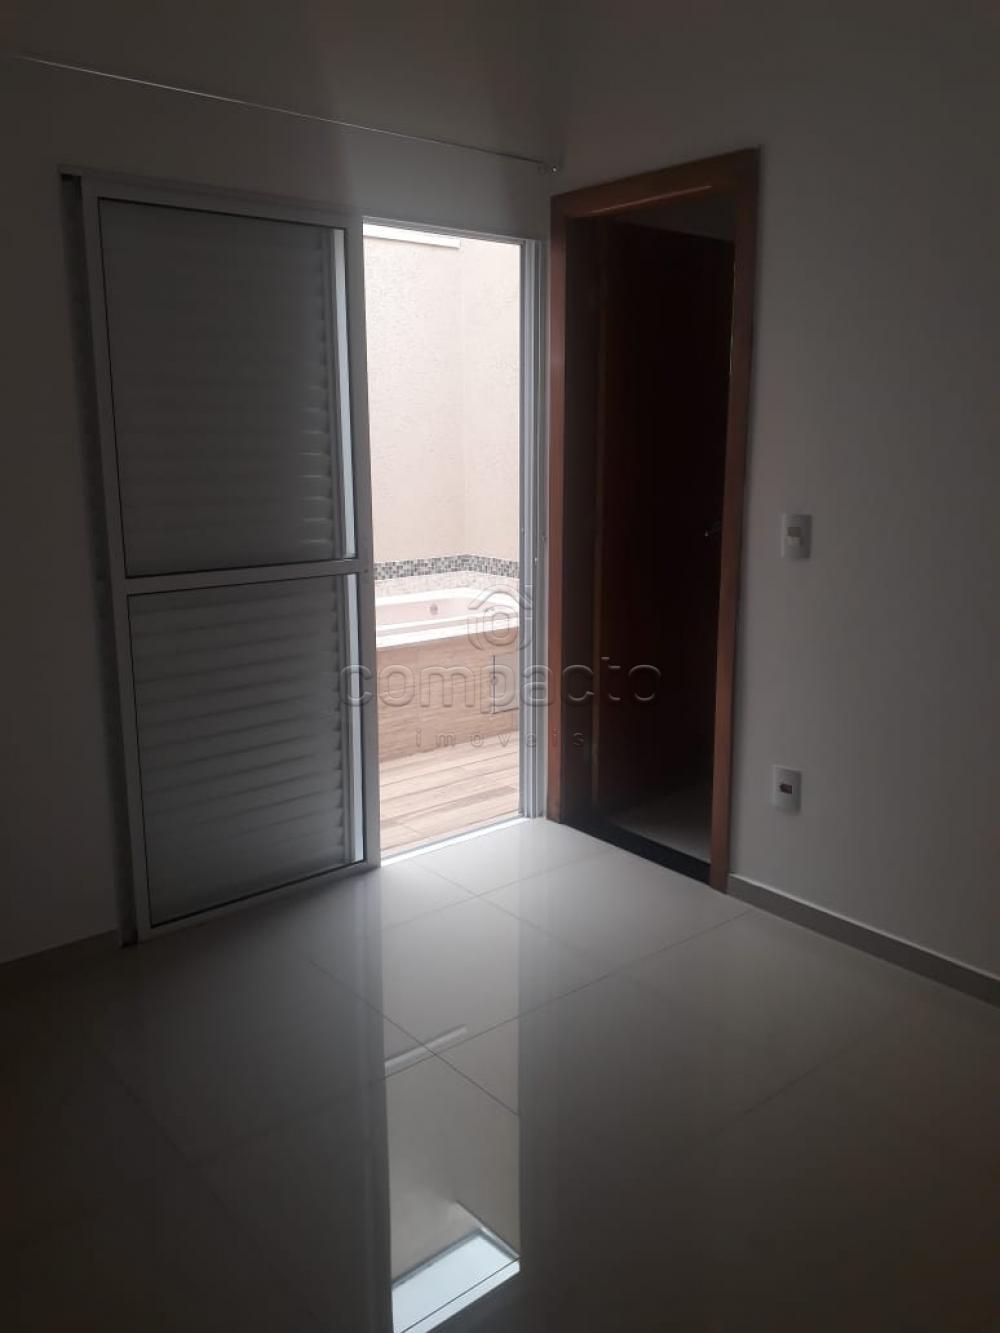 Alugar Casa / Condomínio em São José do Rio Preto apenas R$ 2.500,00 - Foto 13